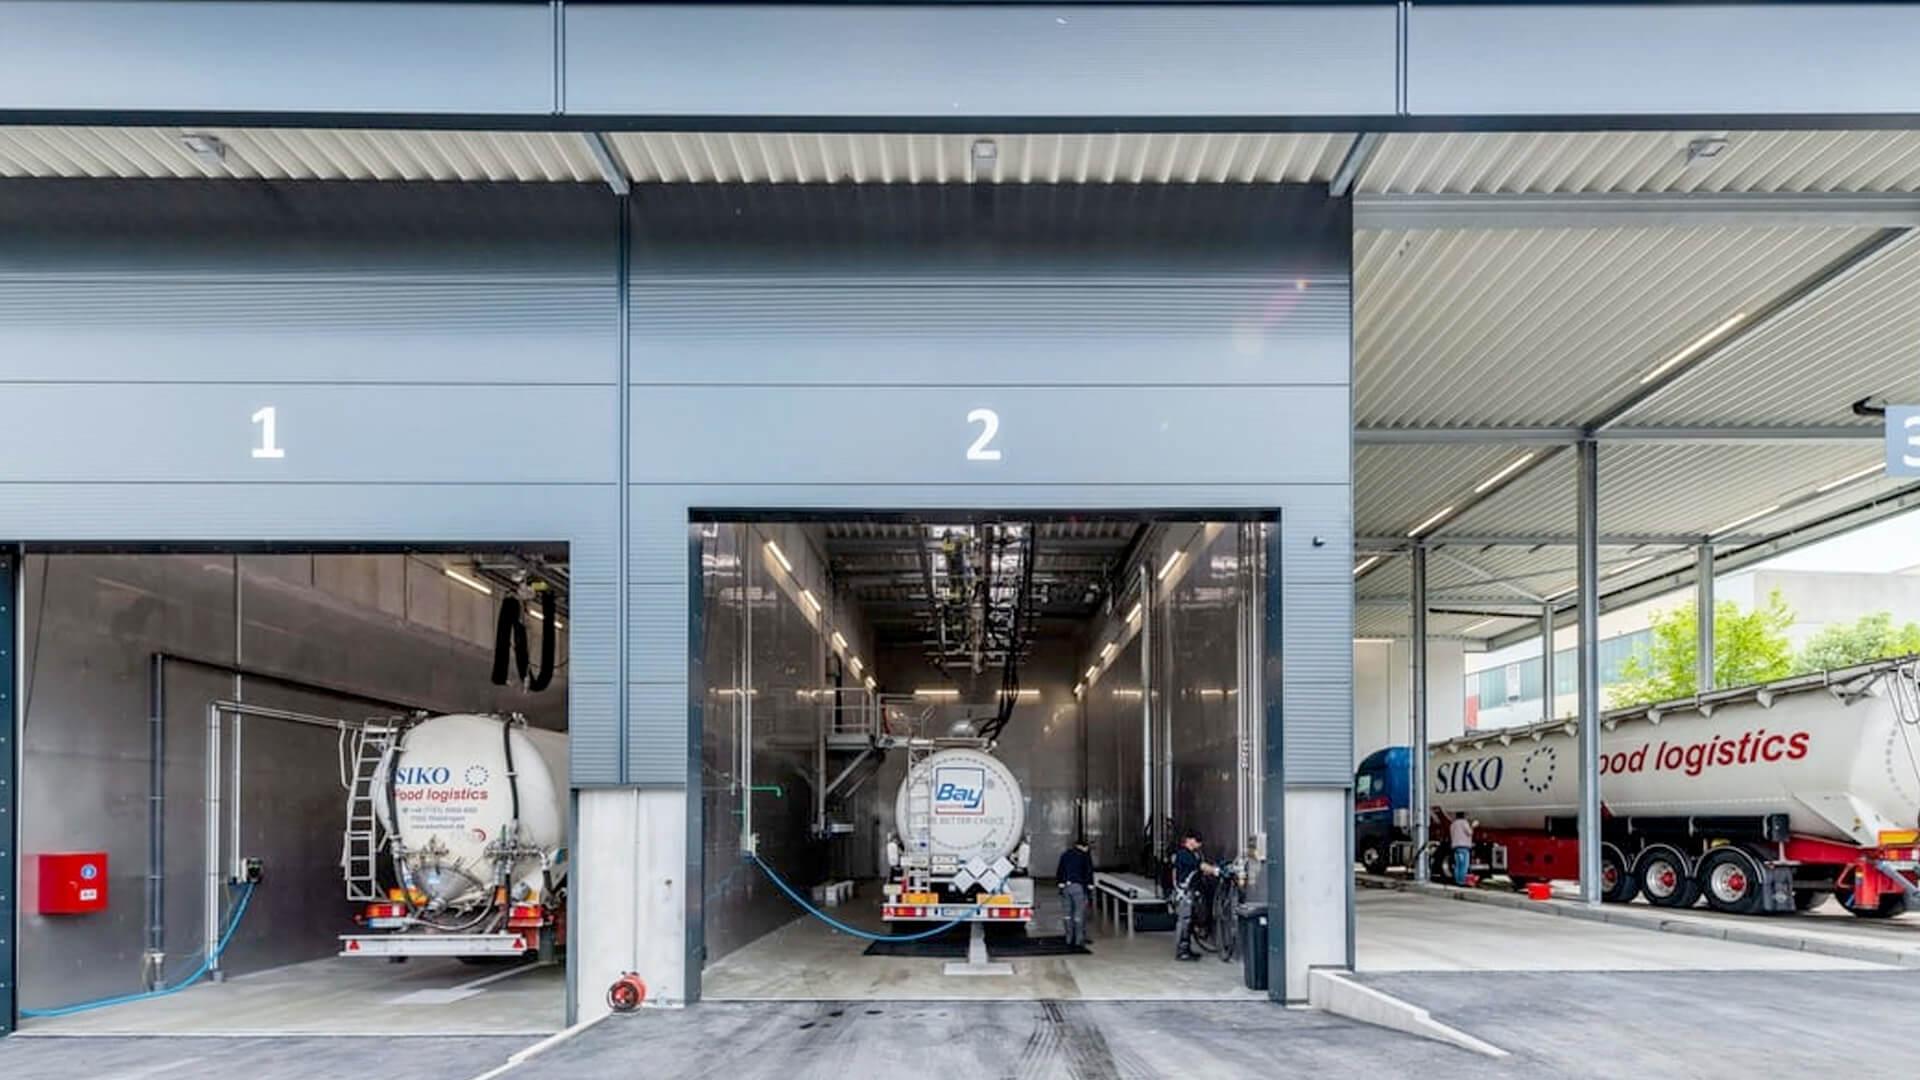 Neben zwei Reinigungsbahnen für Lebensmittel & Chemie, finden Sie hier auch zwei Waschplätze für LKW.